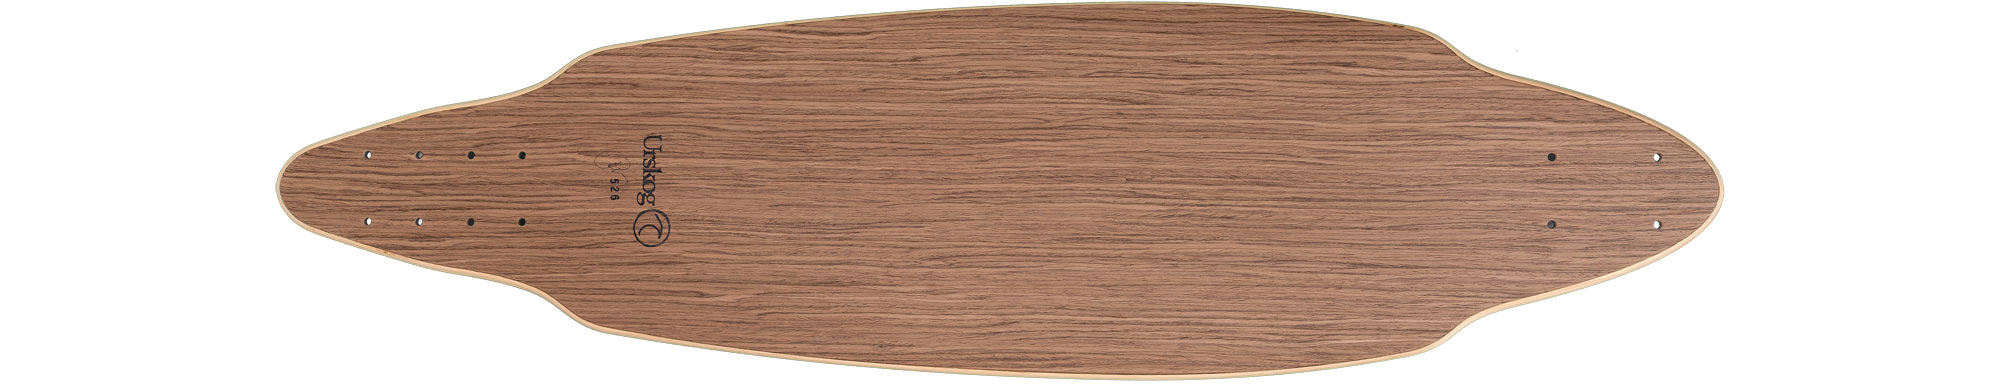 Kvist, deck only in walnut